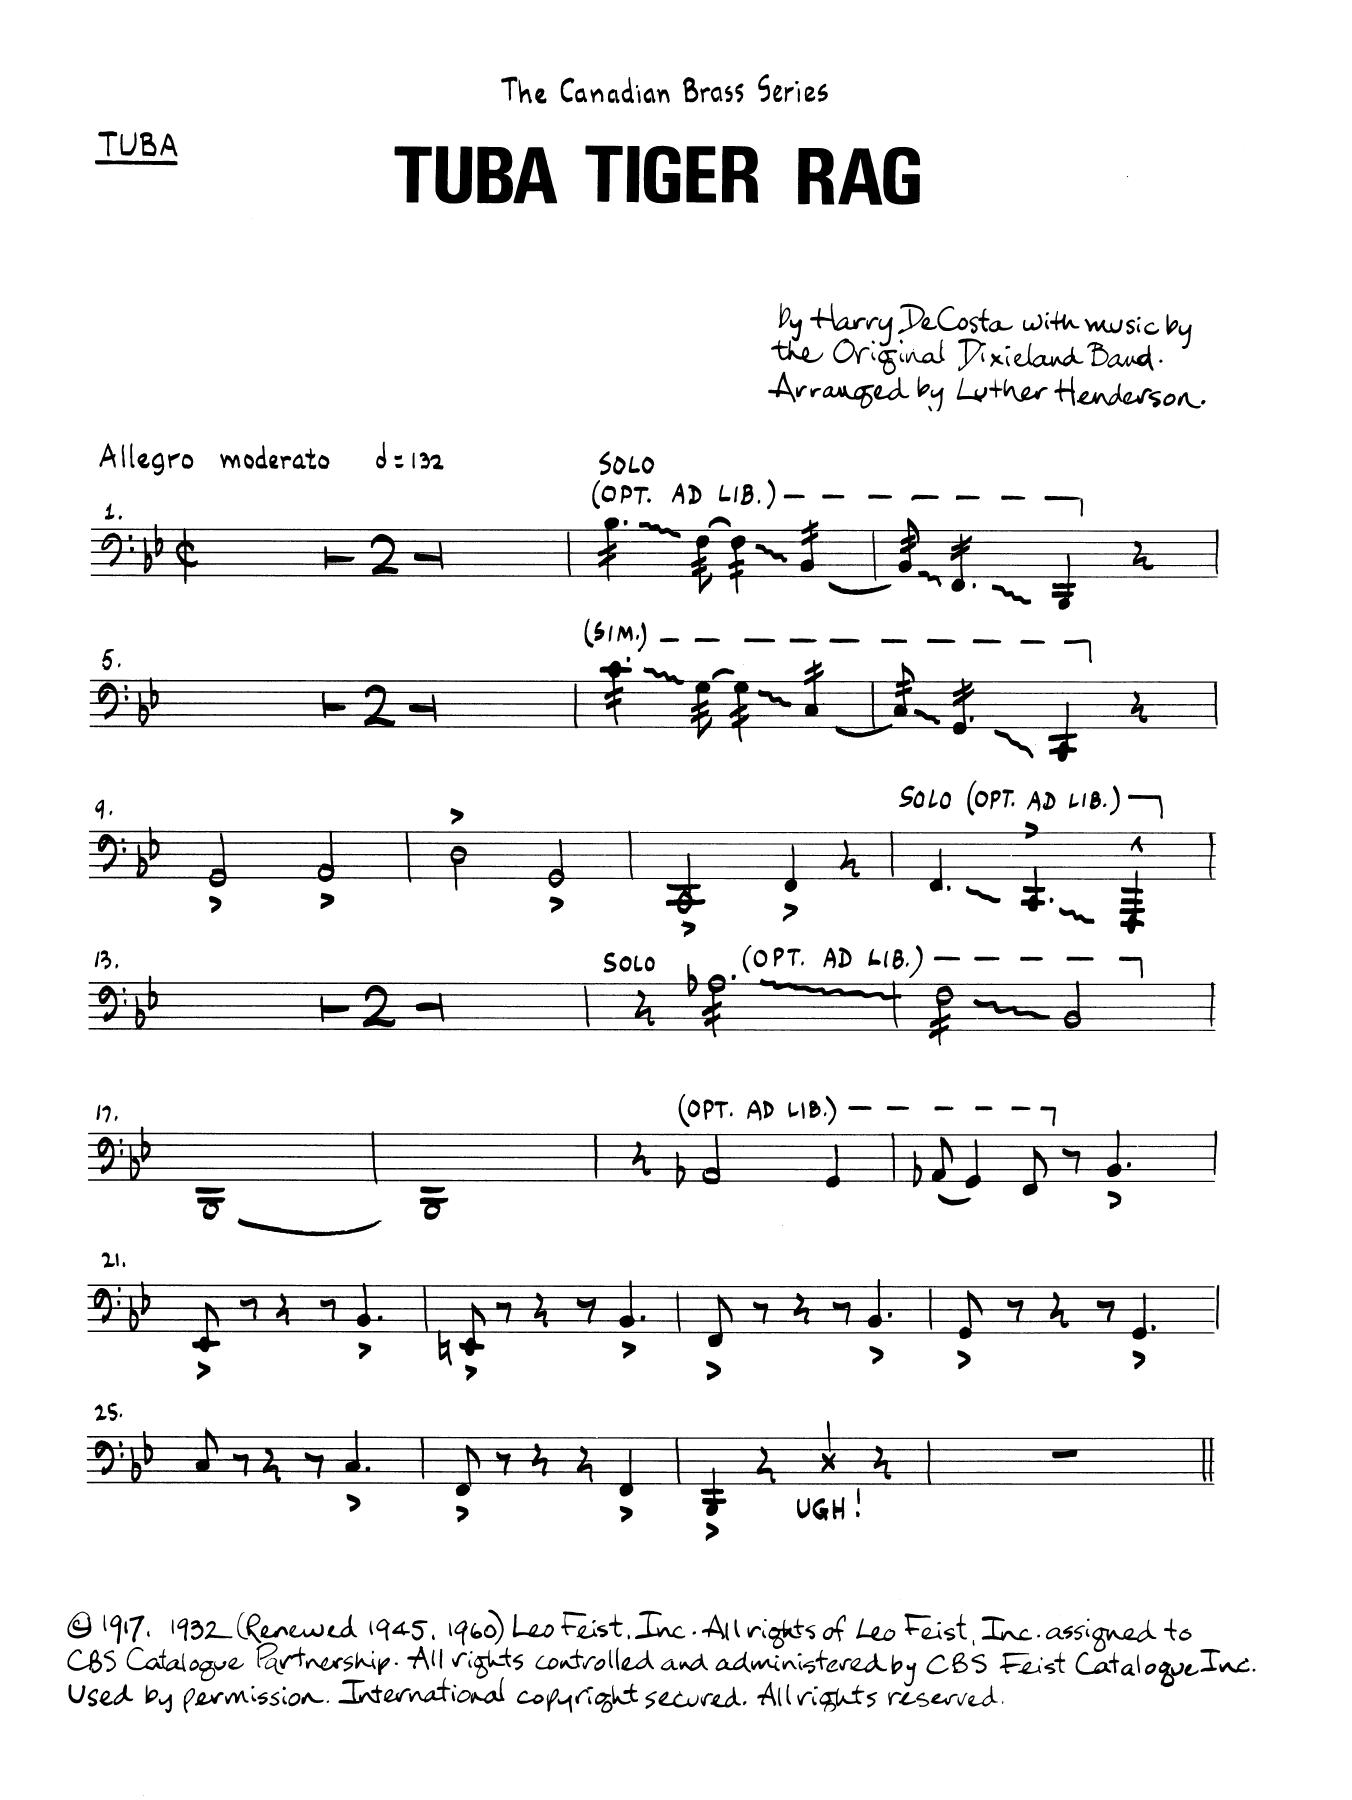 Tuba Tiger Rag - Tuba Sheet Music